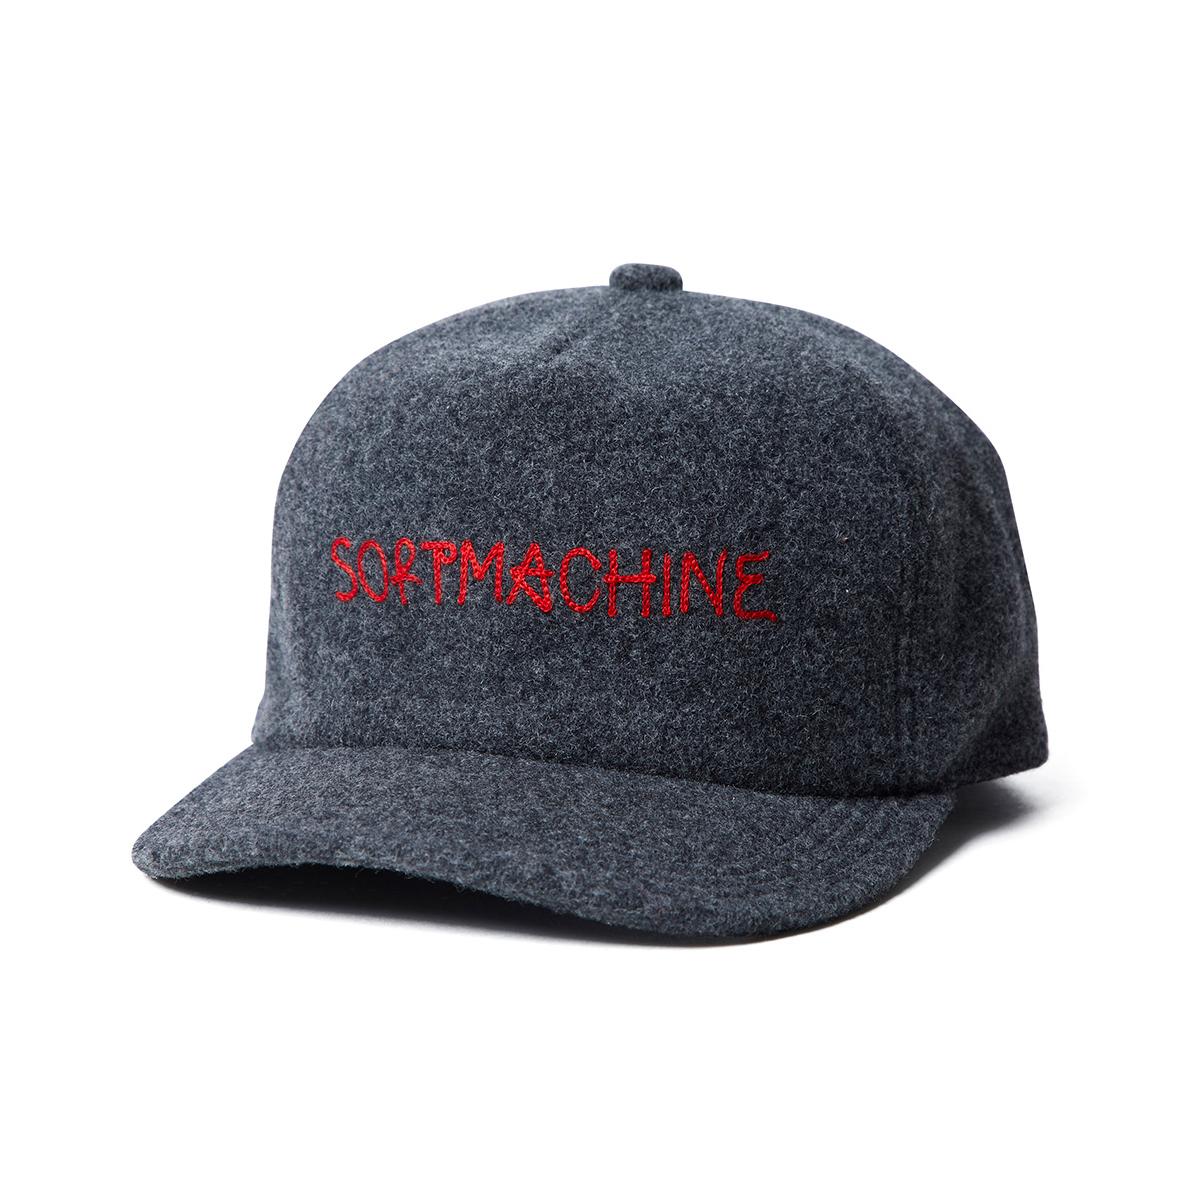 GENIAL CAP